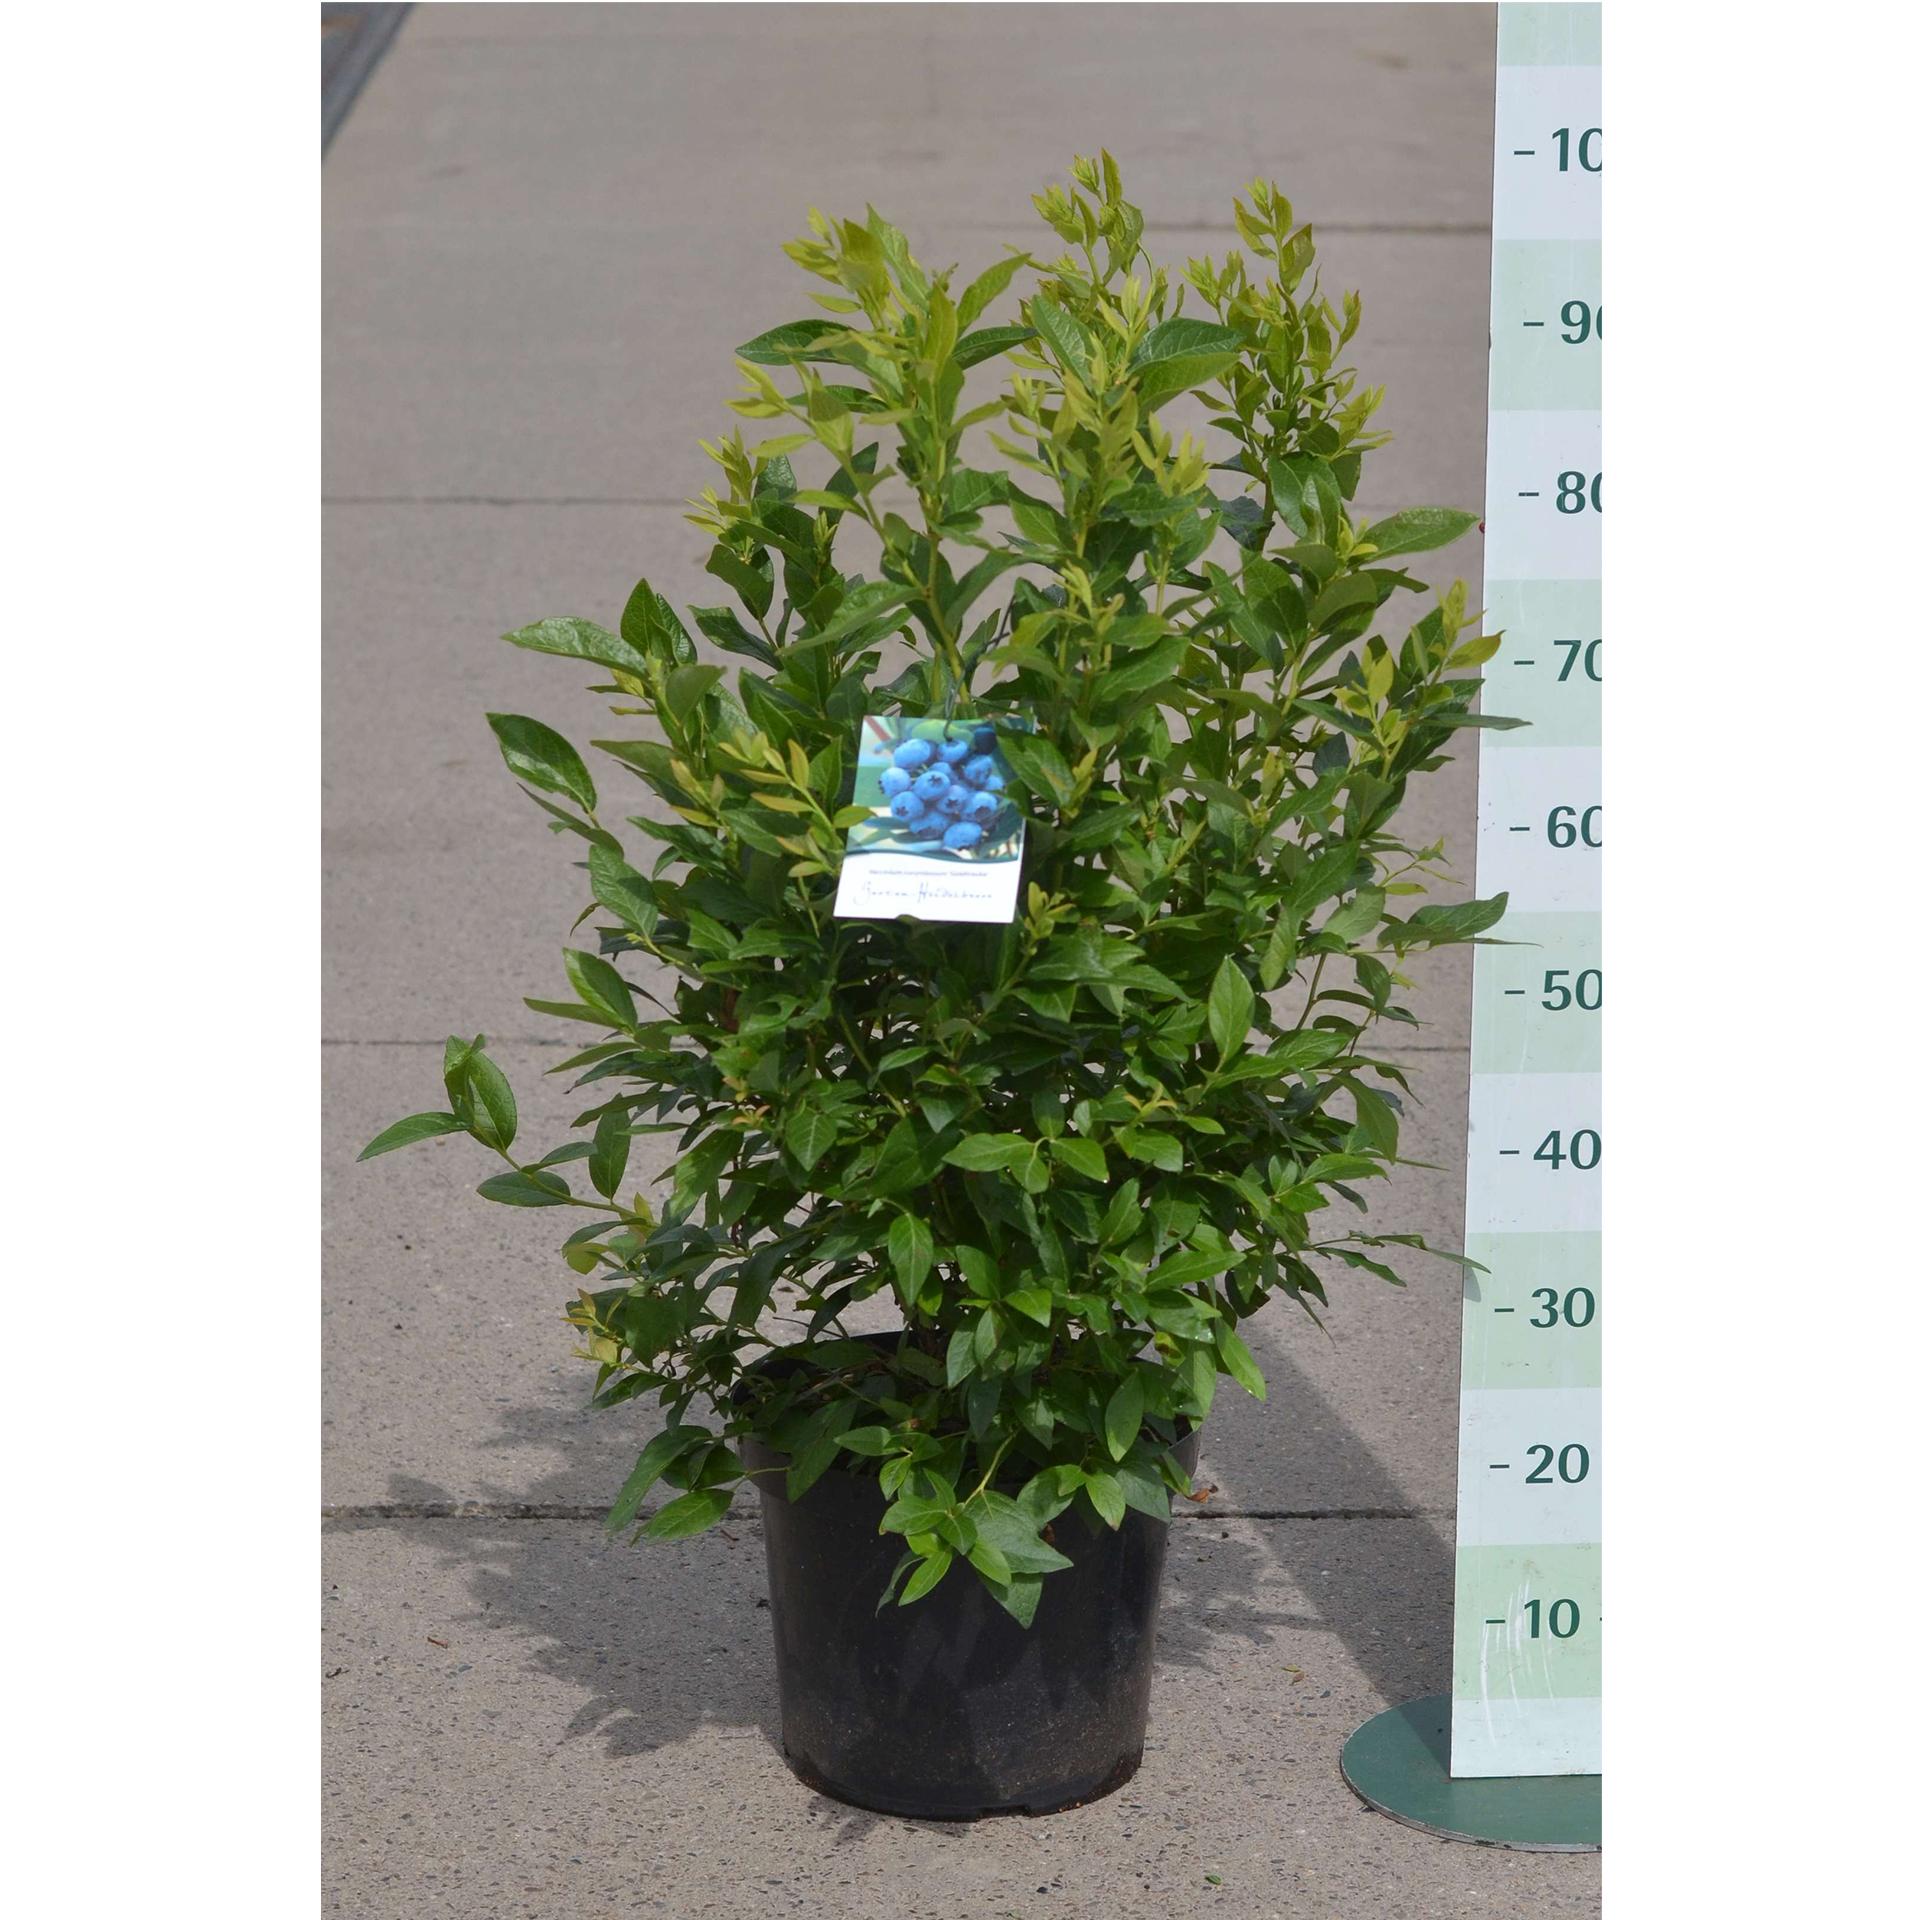 Heidelbeere - Vaccinium corymbosum 'Goldtraube', C10 80-100cm